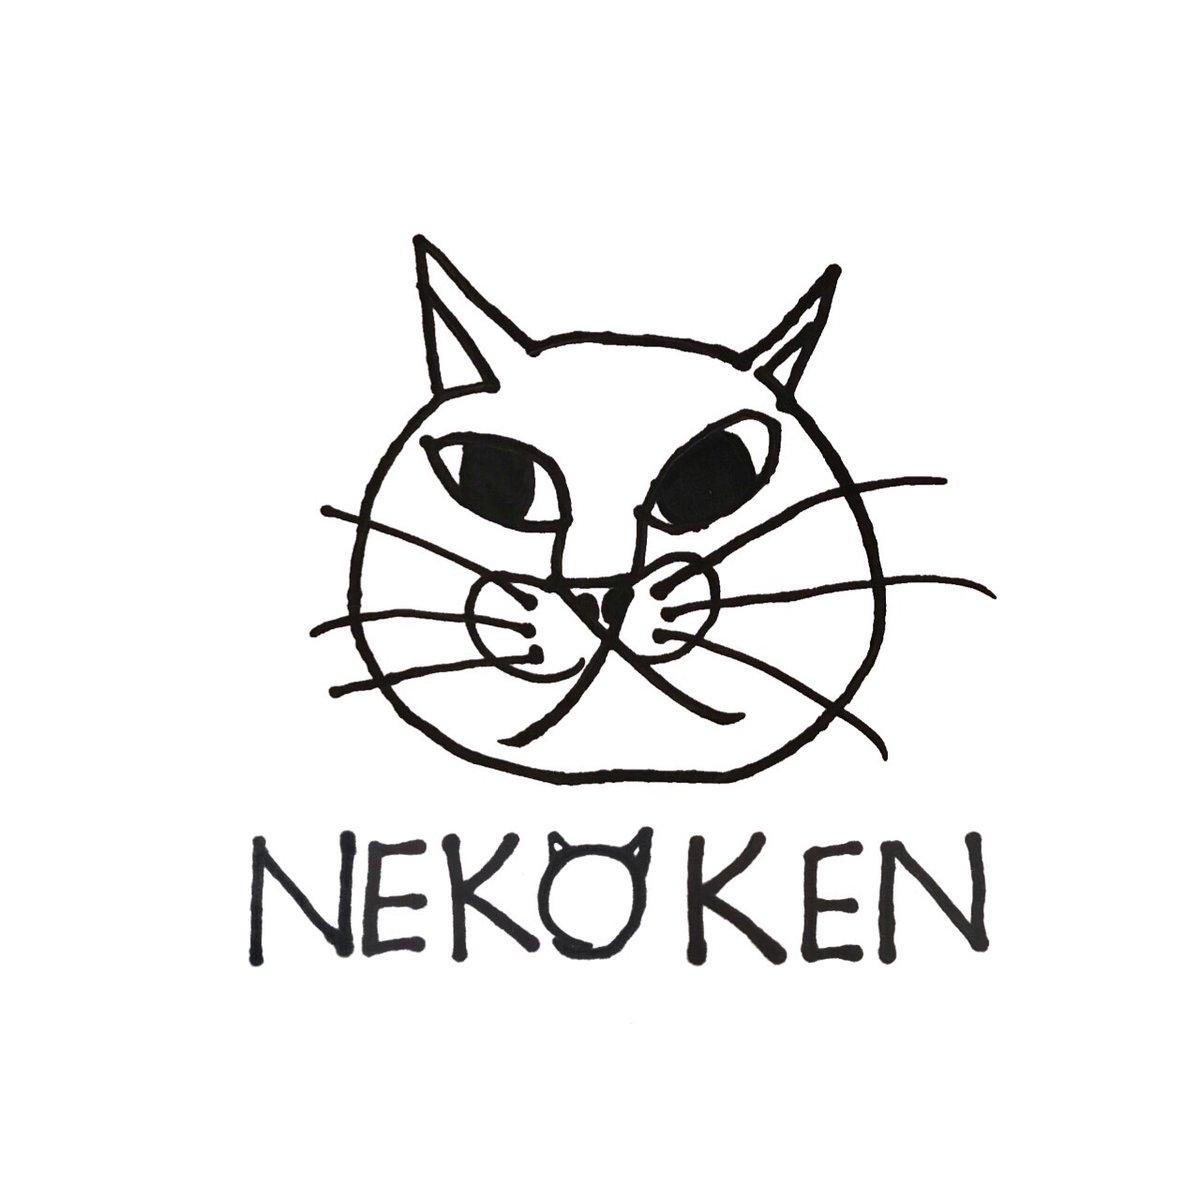 NEKO KEN(ねこけん)小学2年生の男の子・クリエイターとして活躍